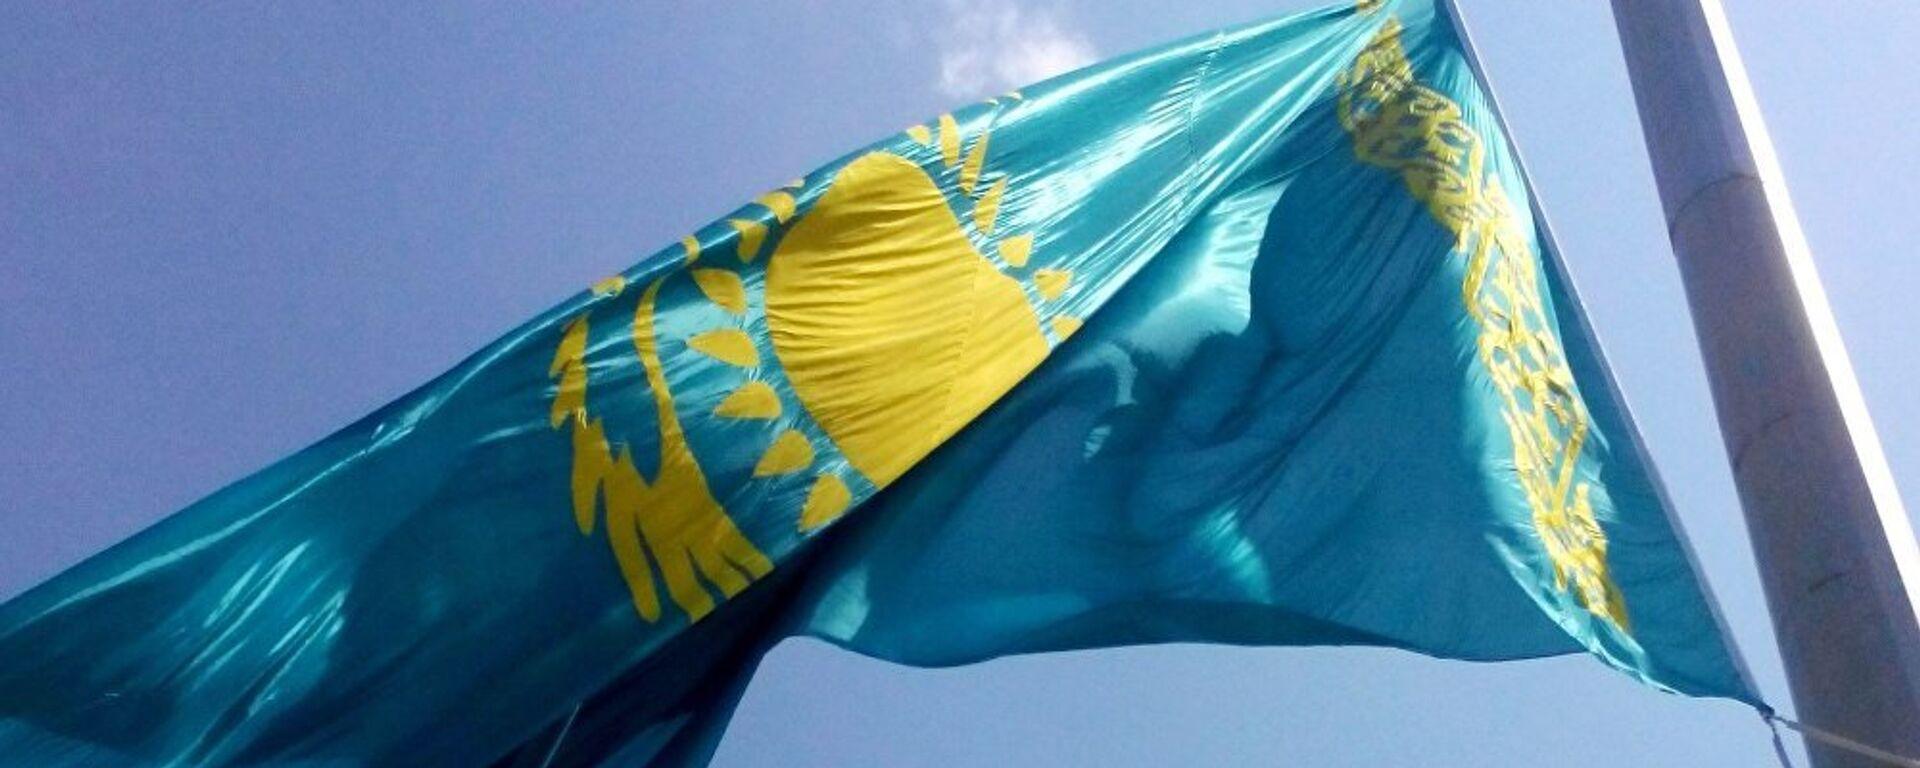 Flag respubliki Kazaxstan - Sputnik Oʻzbekiston, 1920, 28.08.2021